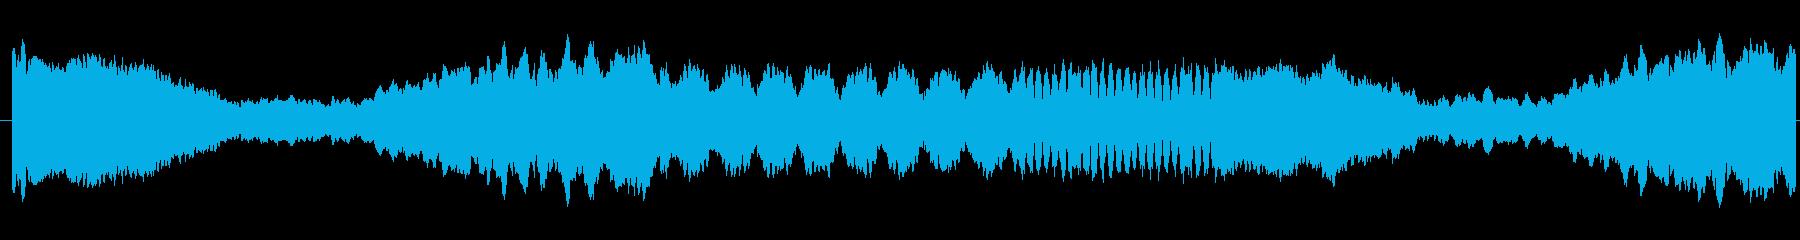 救急車 サイレンUK 01の再生済みの波形